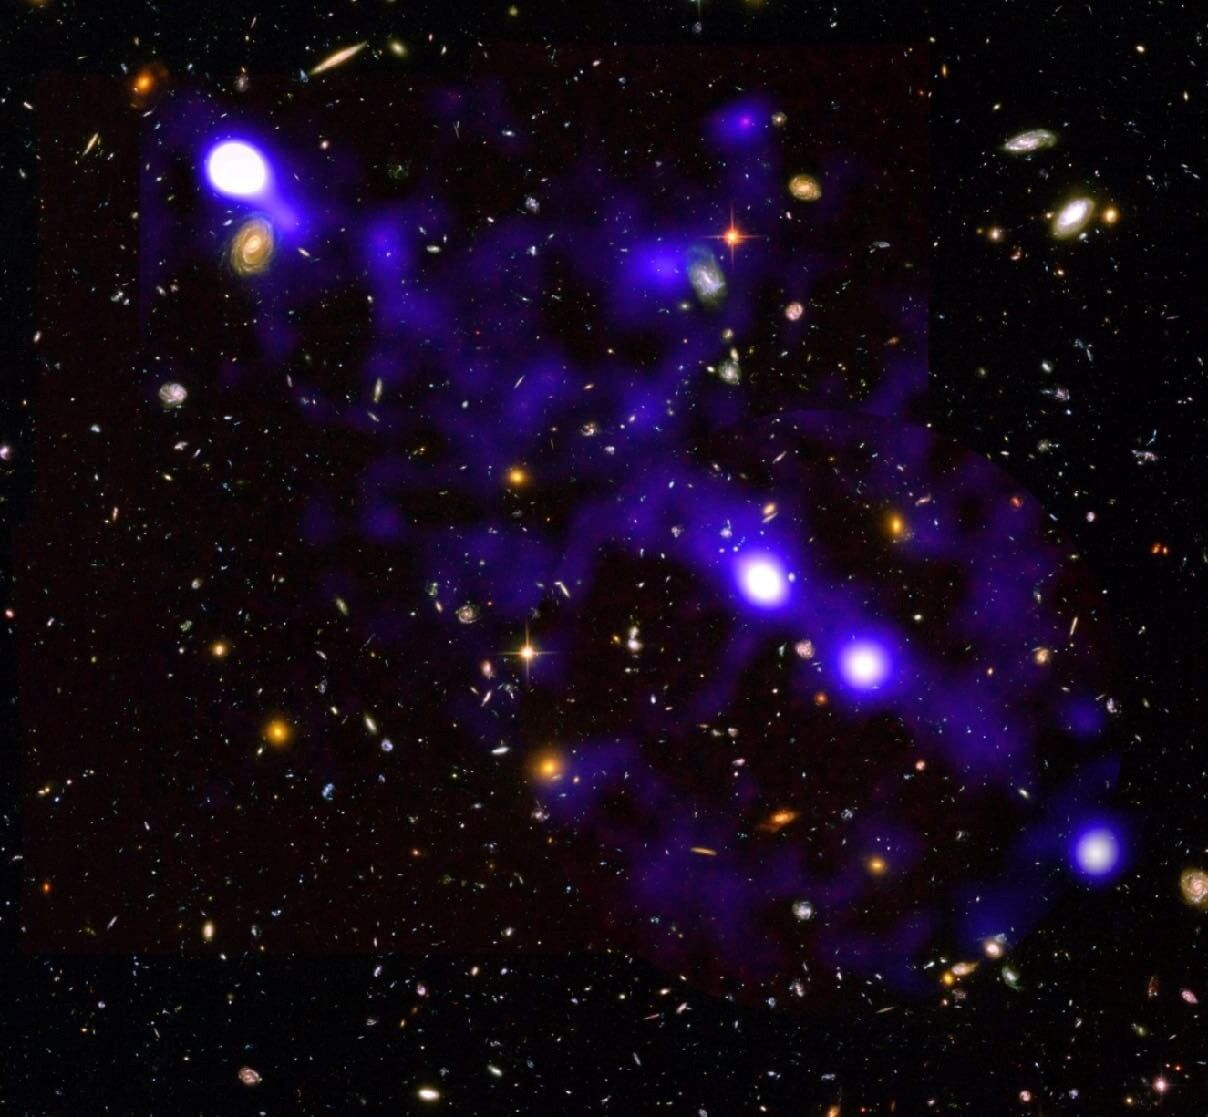 ასტრონომებმა კოსმოსური აბლაბუდის ძაფებს ახალი, შთამბეჭდავი ფოტო გადაუღეს — #1tvმეცნიერება